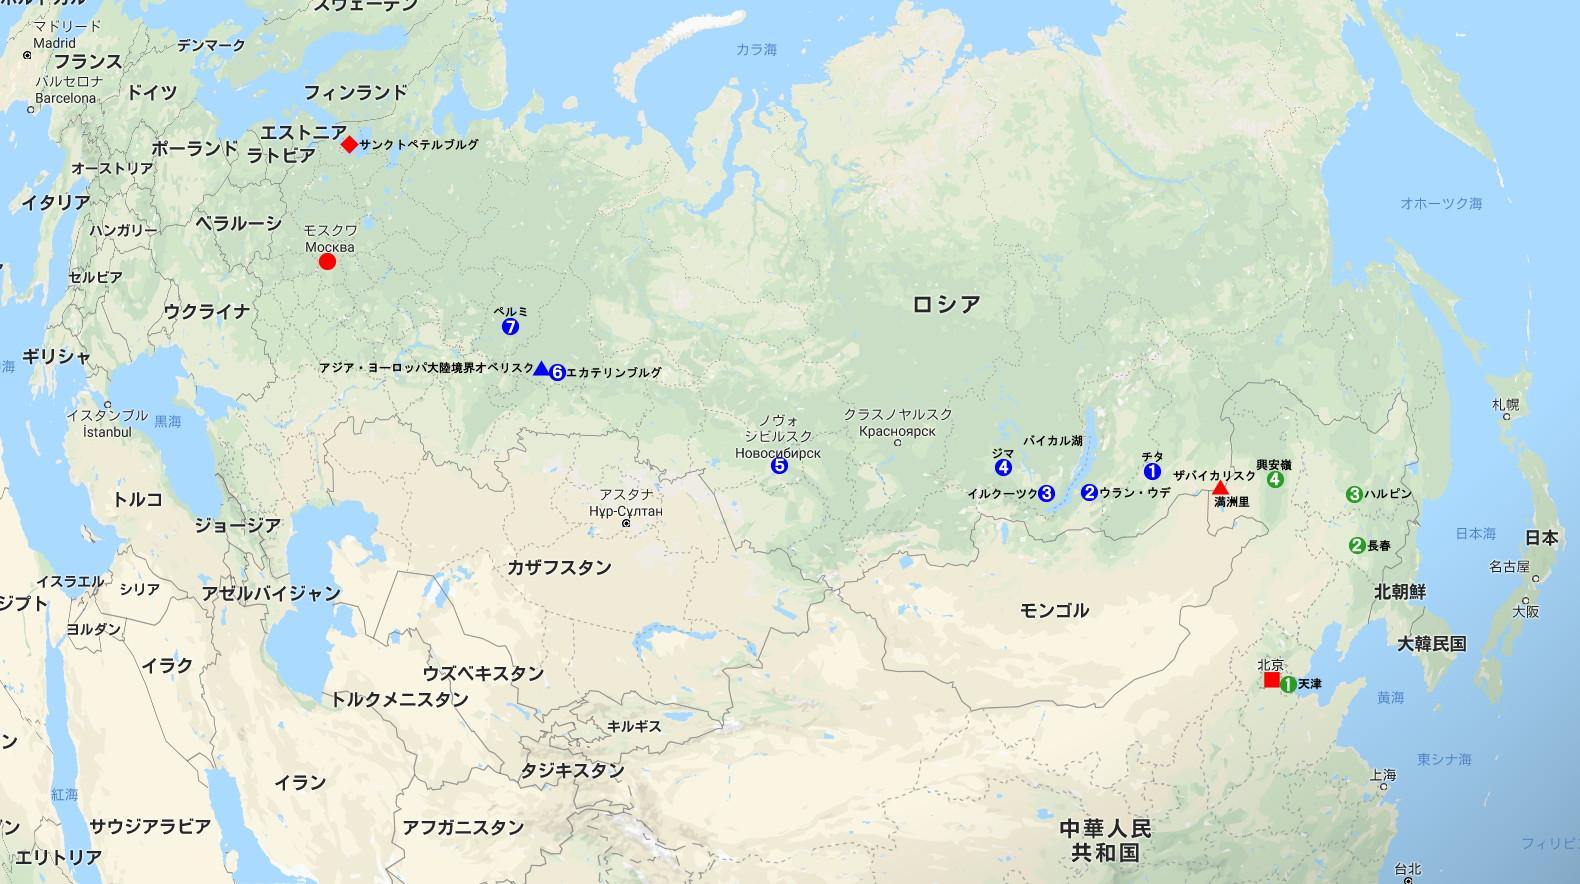 ユーラシア大陸鉄道横断旅行 Go West!1996その34・シベリア特急「ボストーク」号・チタからノボシビルスクへ-3402